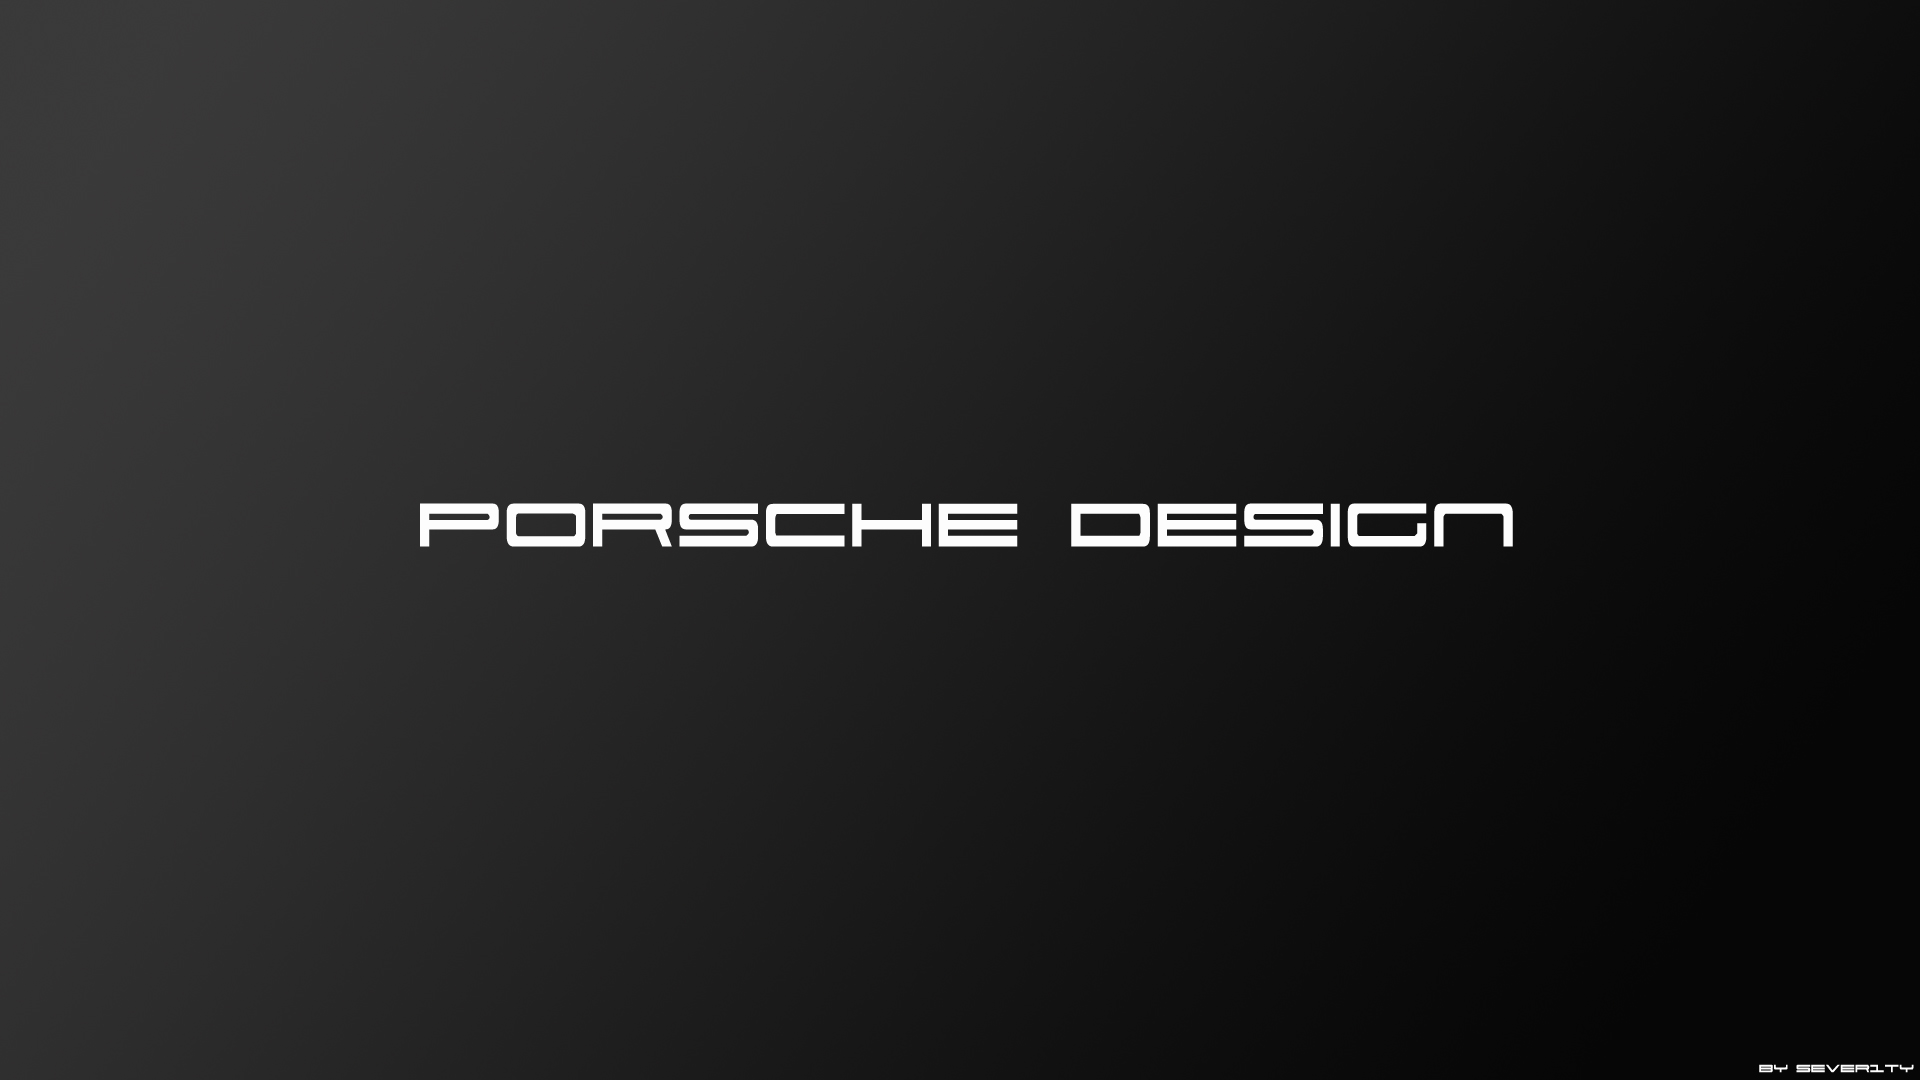 PORSHE DESIGN